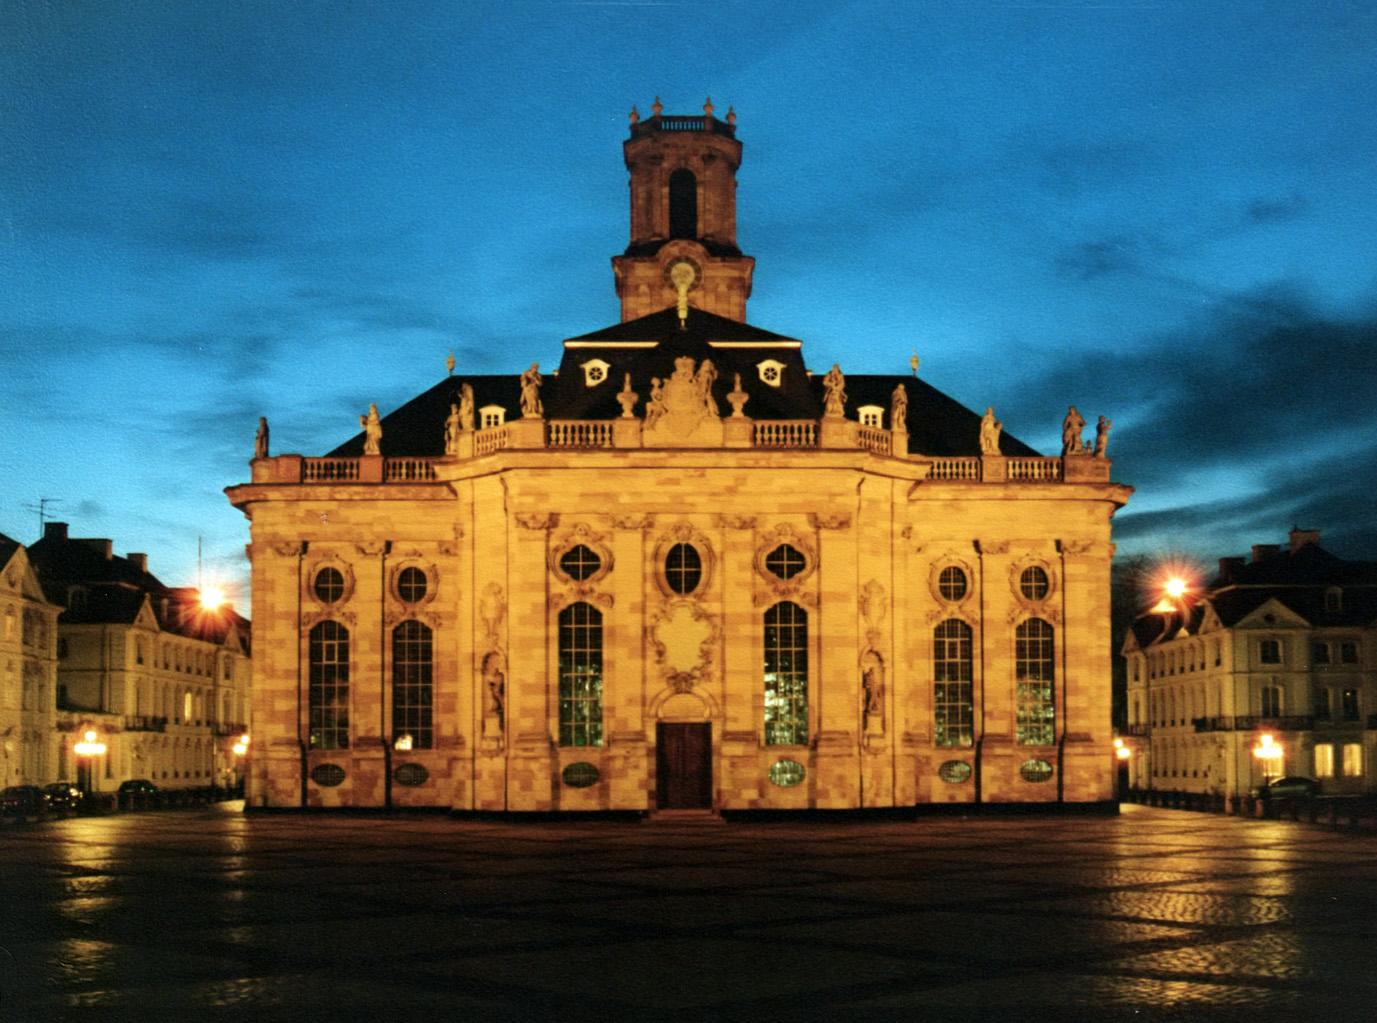 Bild von Saarbrücken: Ludwigskirche (Ostseite) mit Ludwigsplatz